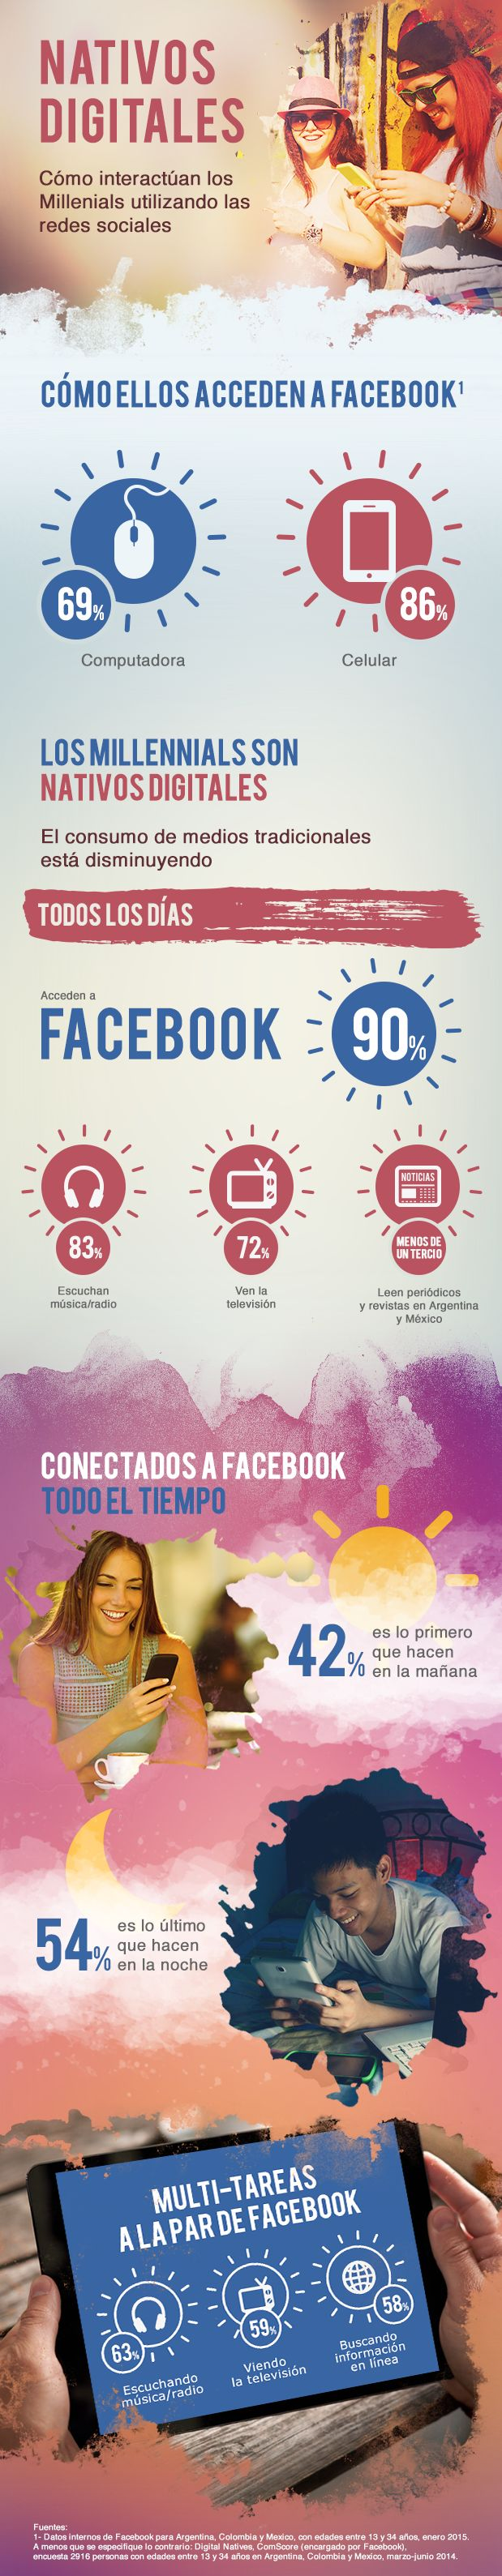 Facebook revela las características de los milennials en la red social